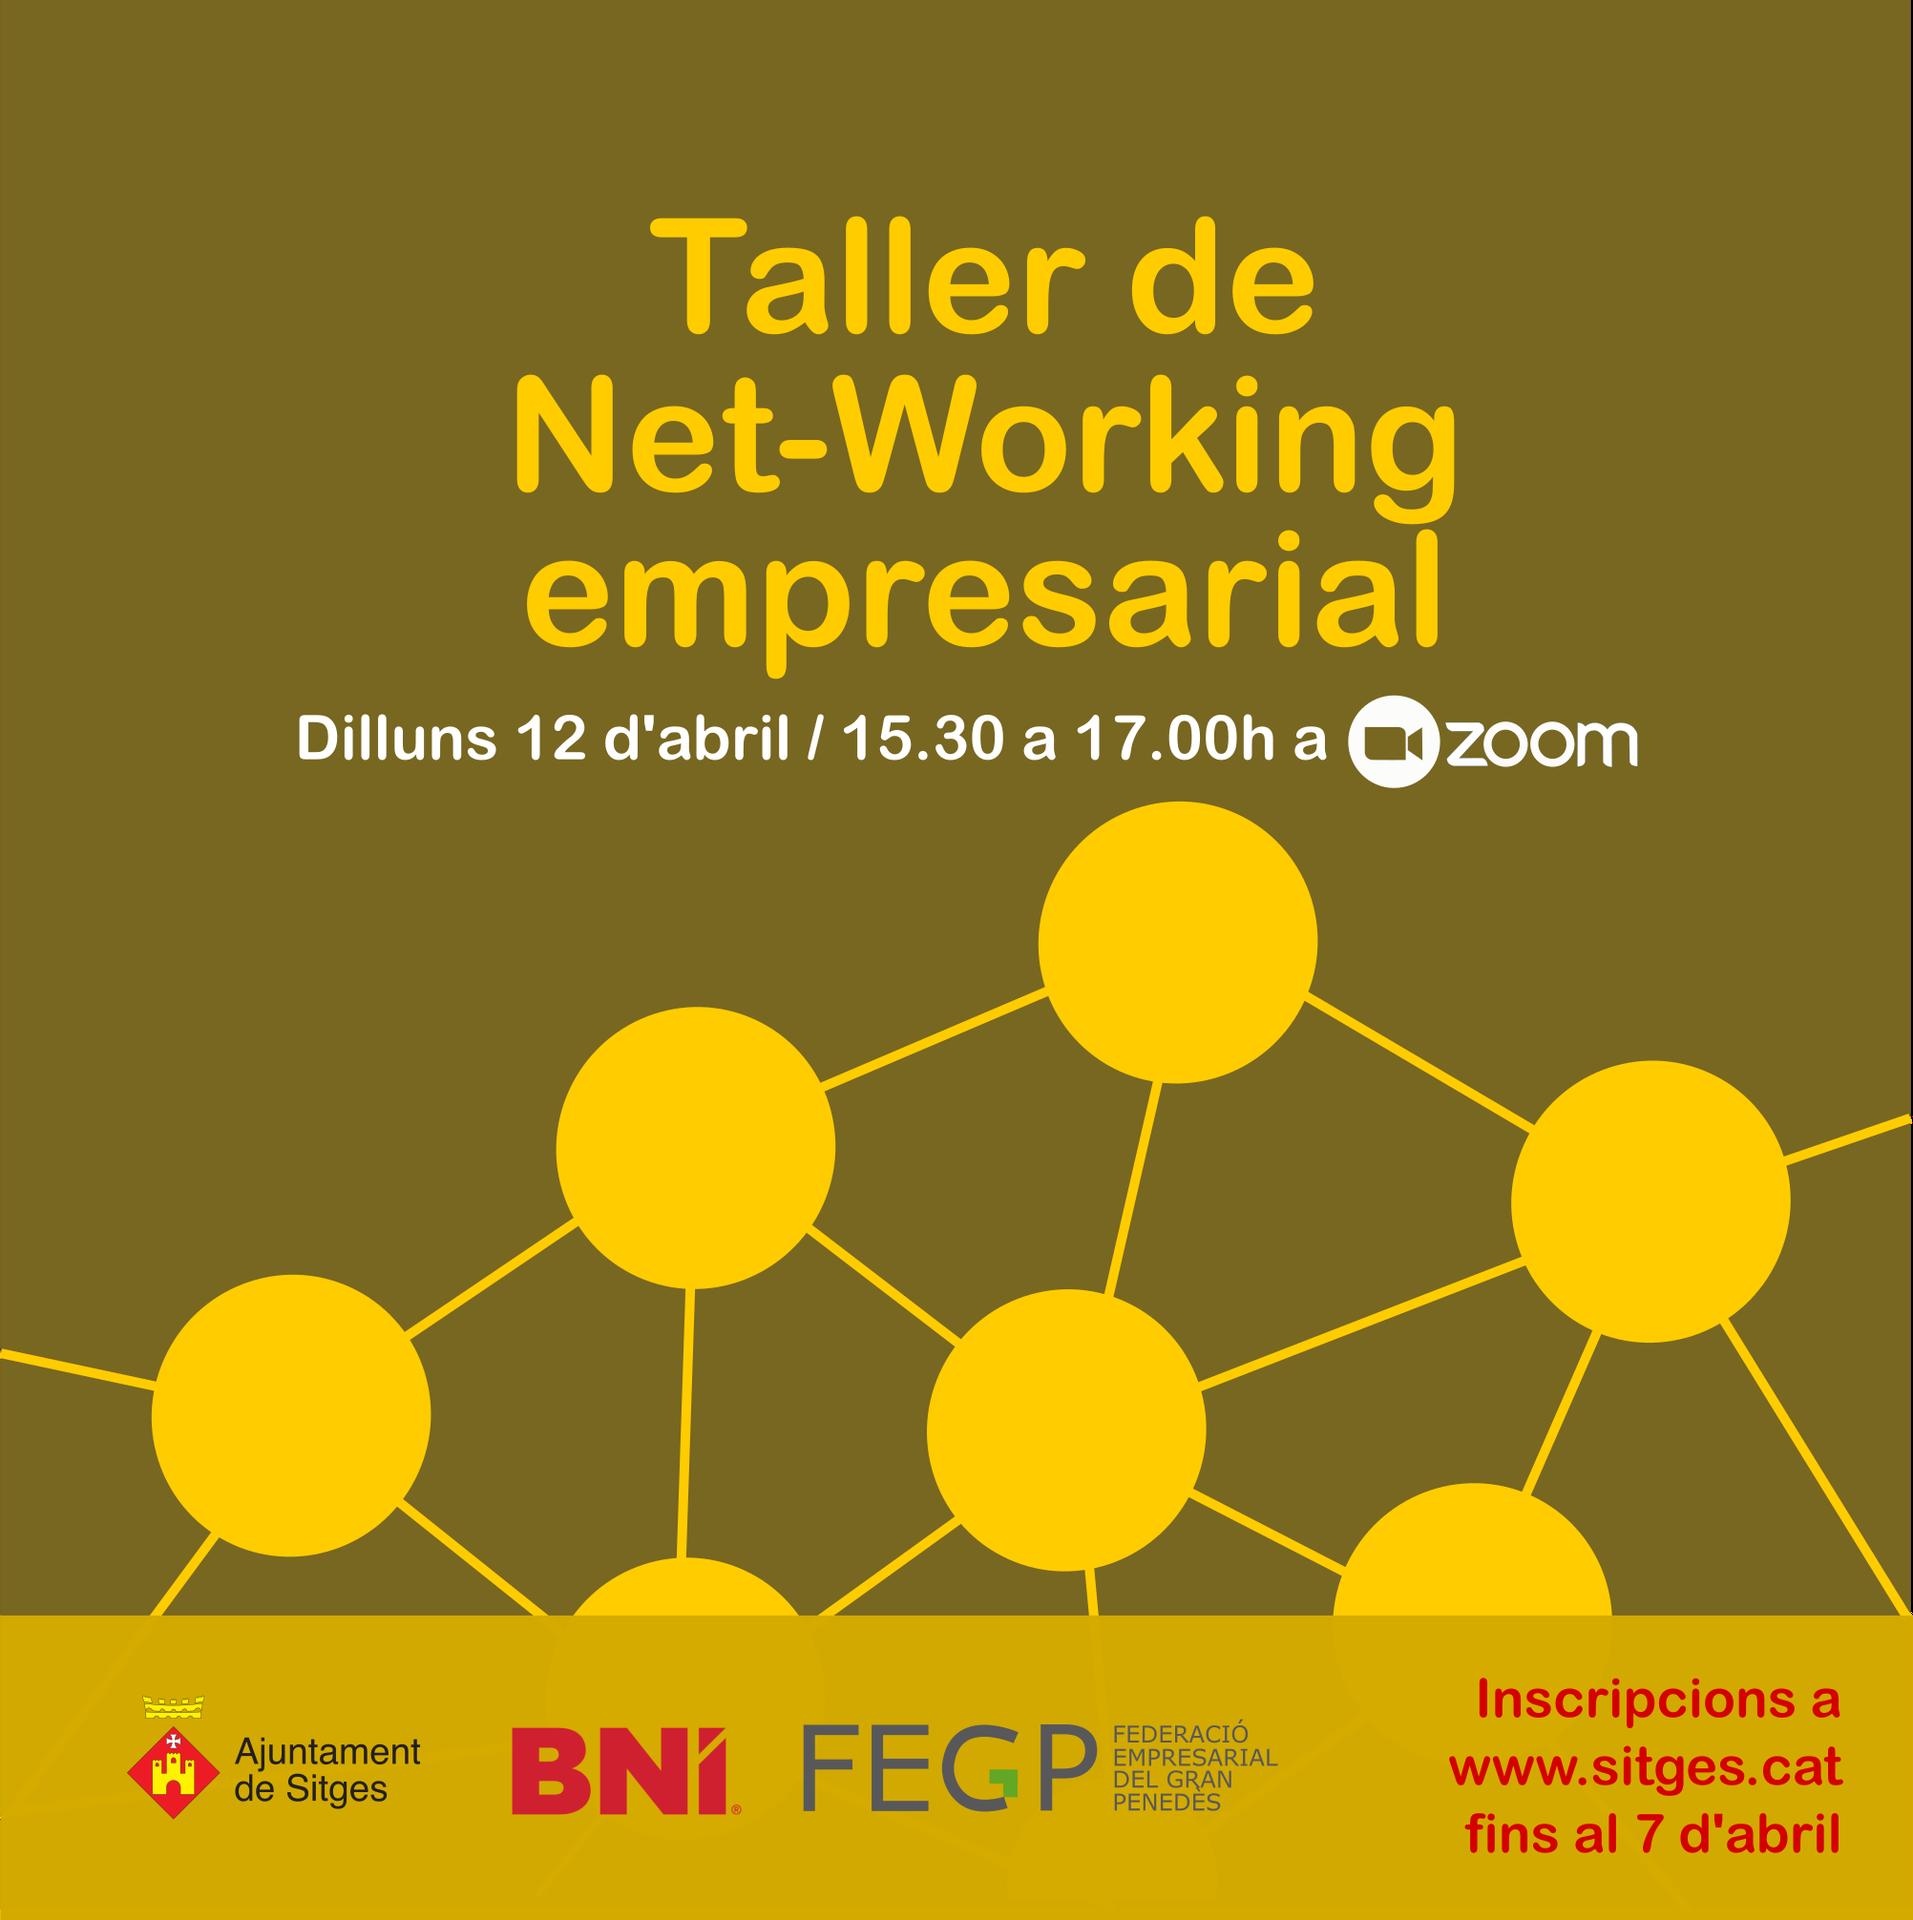 Taller de Net-Working empresarial